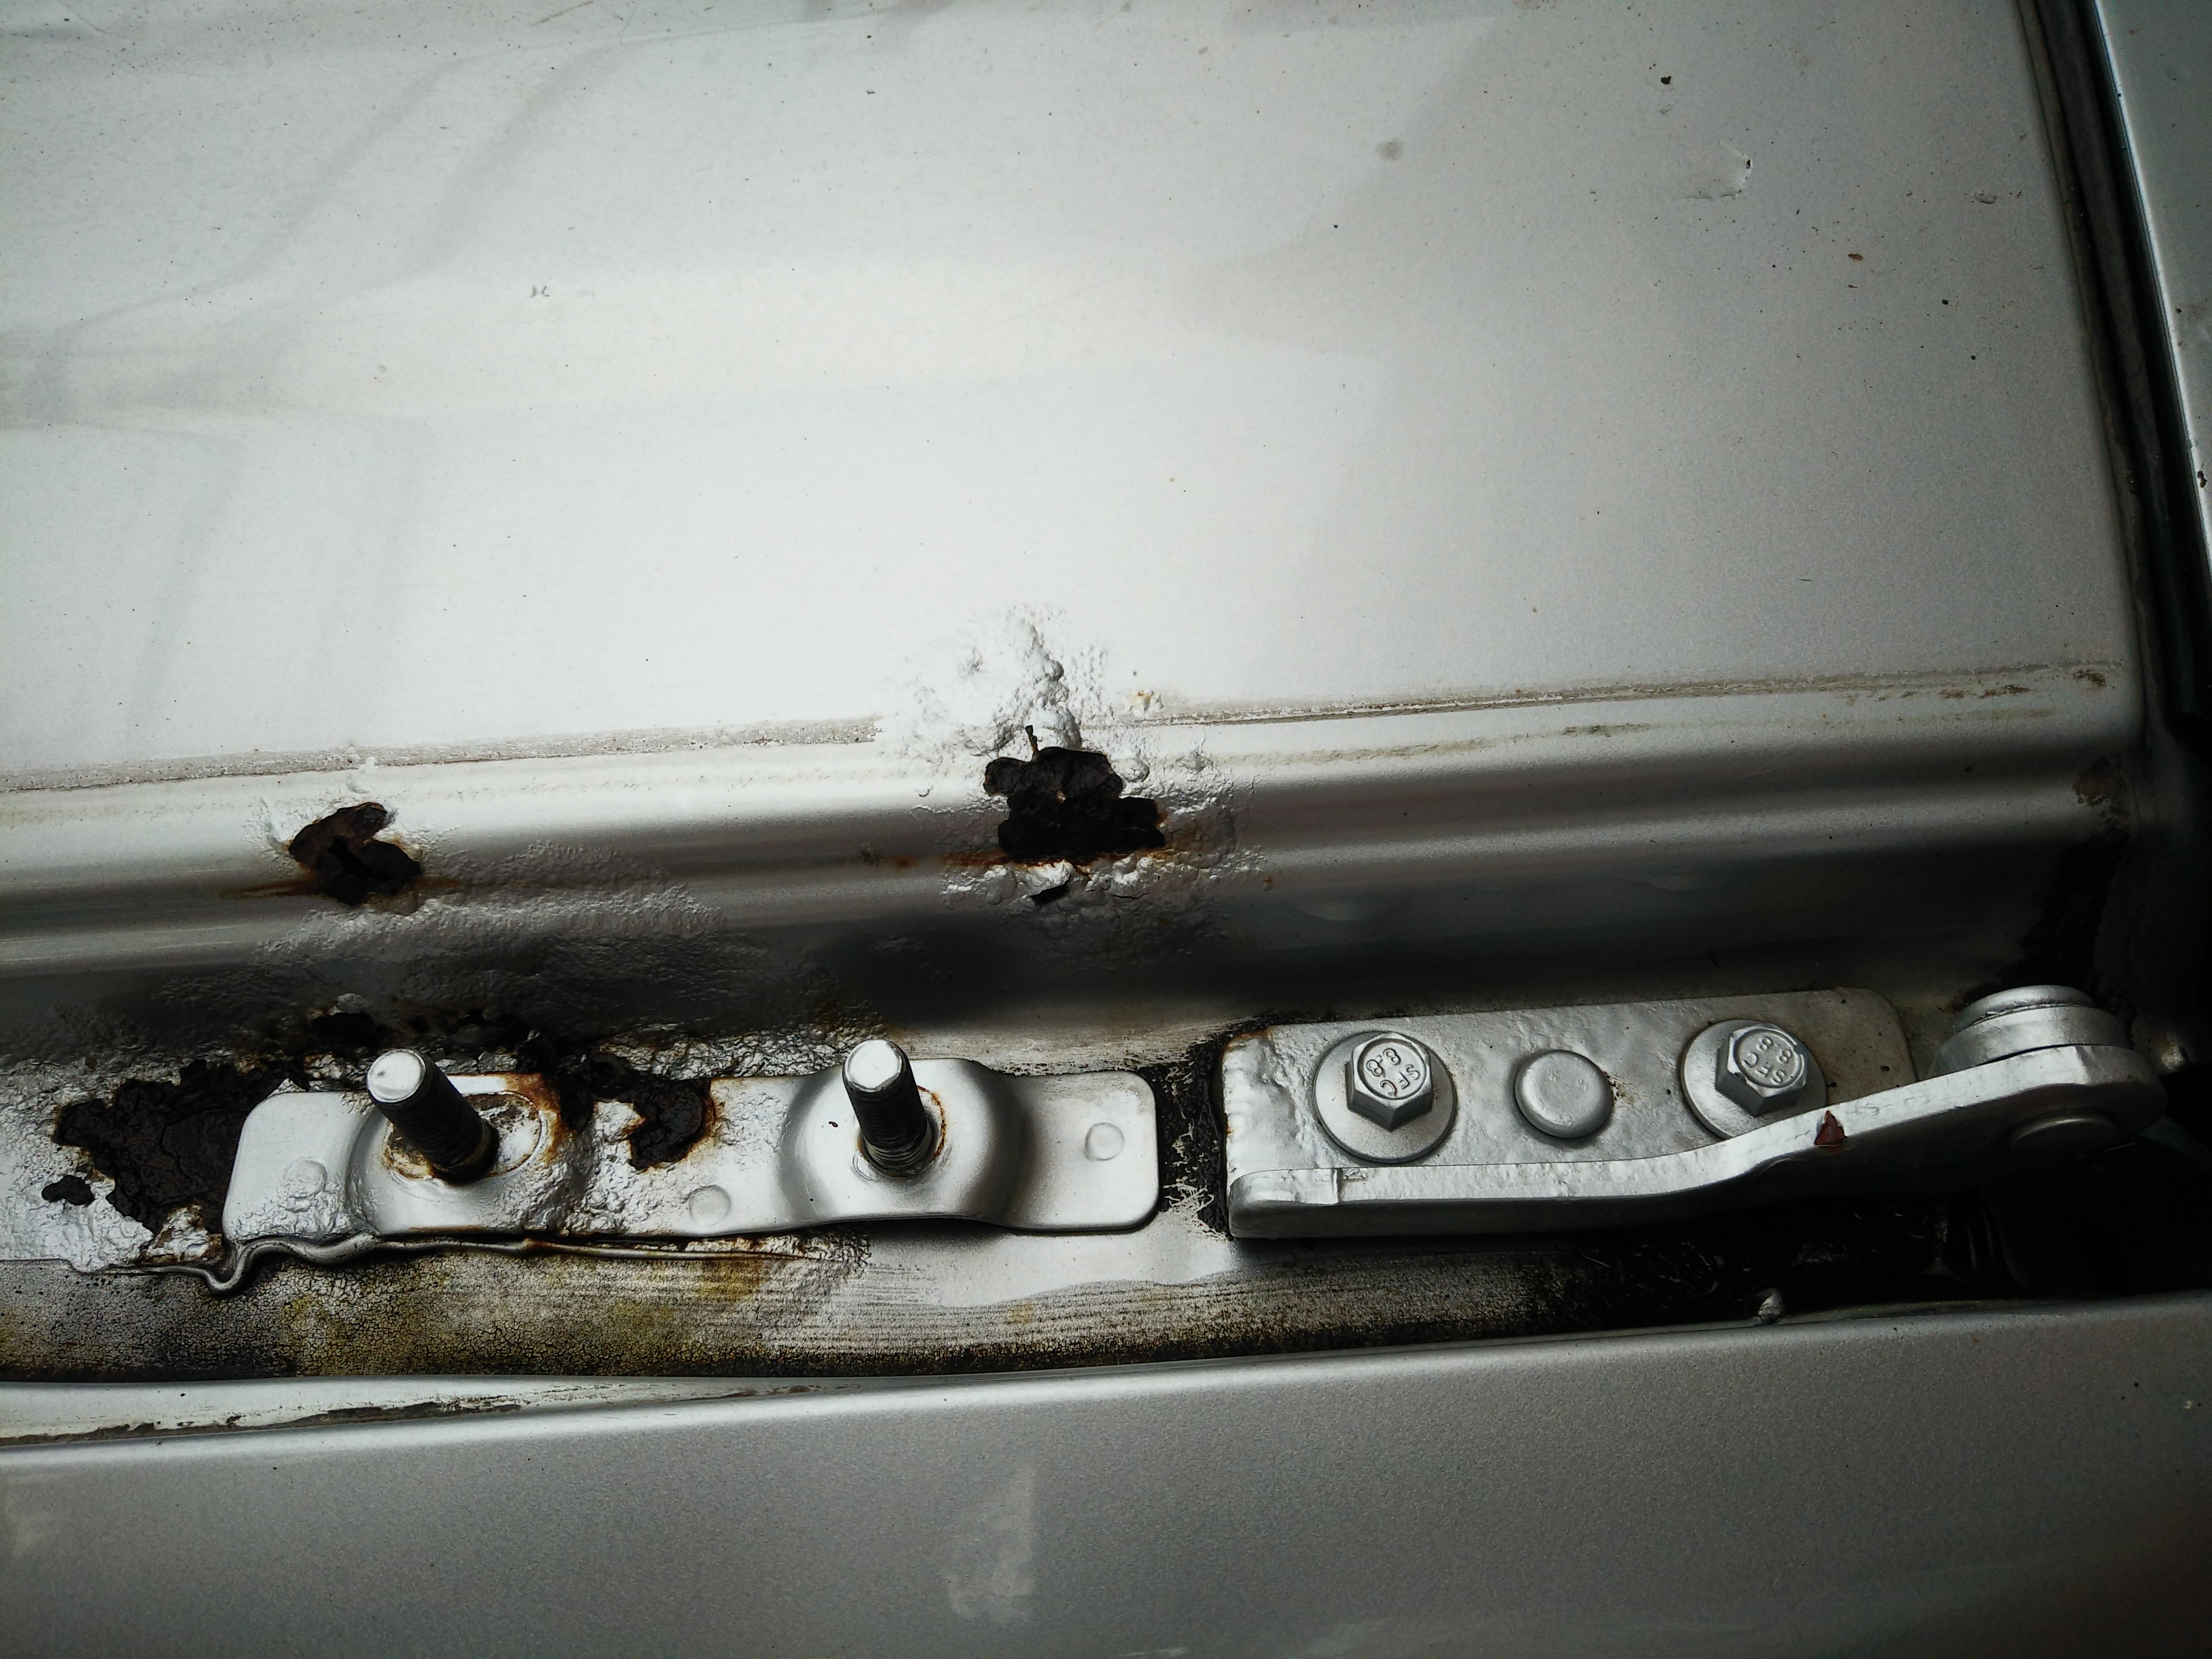 長城汽車-哈弗H6 車頂左右行李架溝槽固定處,后尾門處板金嚴重銹蝕穿孔腐爛。